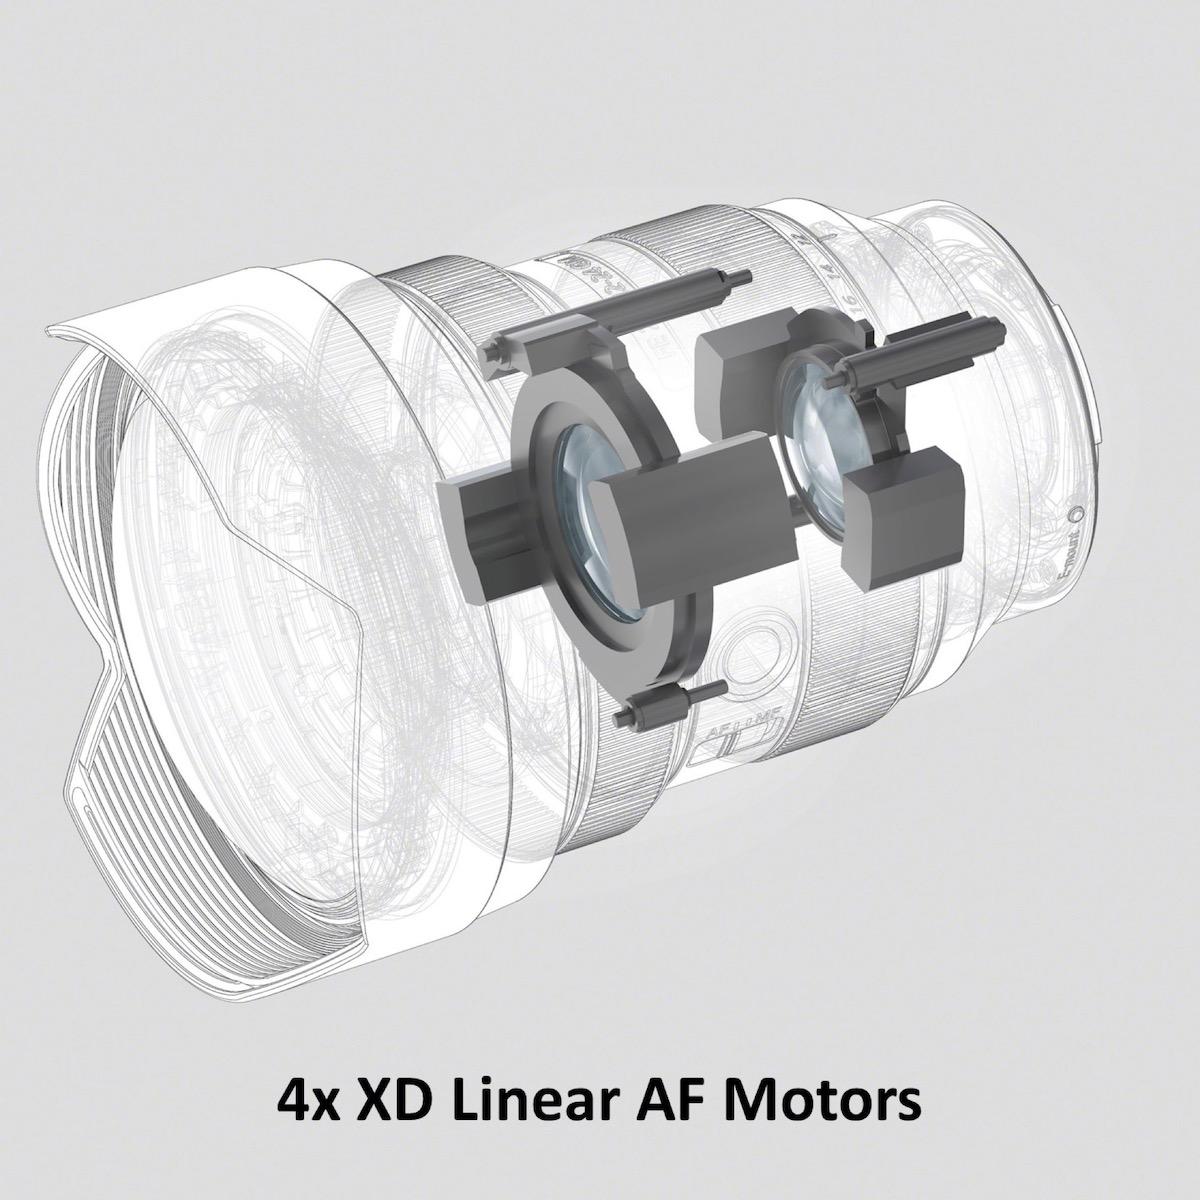 鏡頭使用內變焦筒方式,對焦使用雙線性 XD 馬達,寧靜之餘反應也快(加上廣角鏡的對焦行程比較短),相對適合作拍片用途。